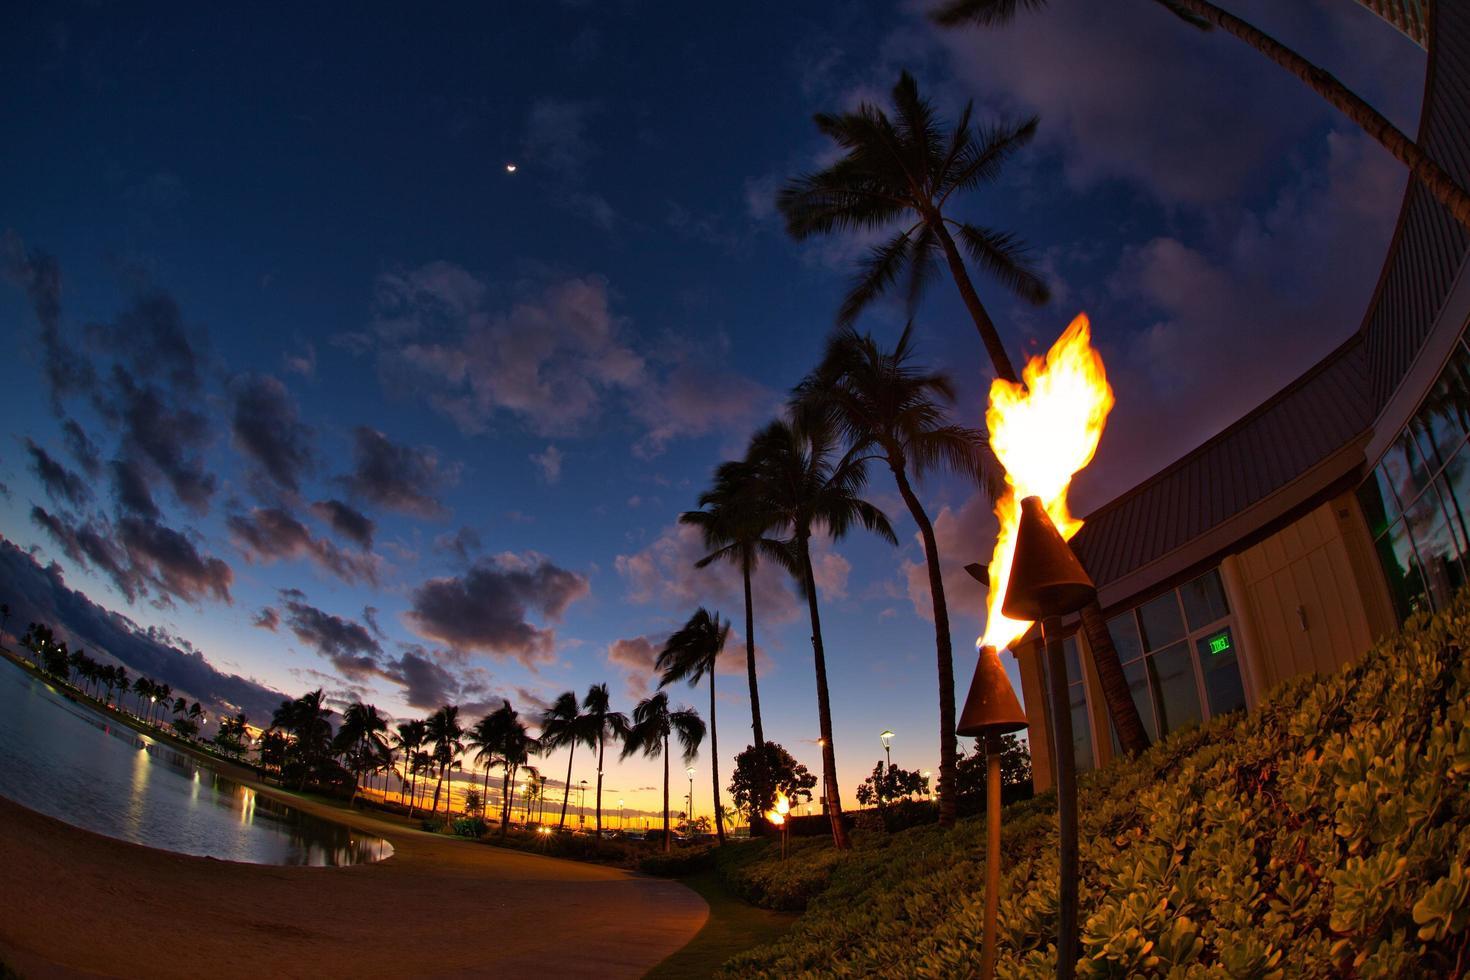 Sunset at waikiki beach hawaii photo